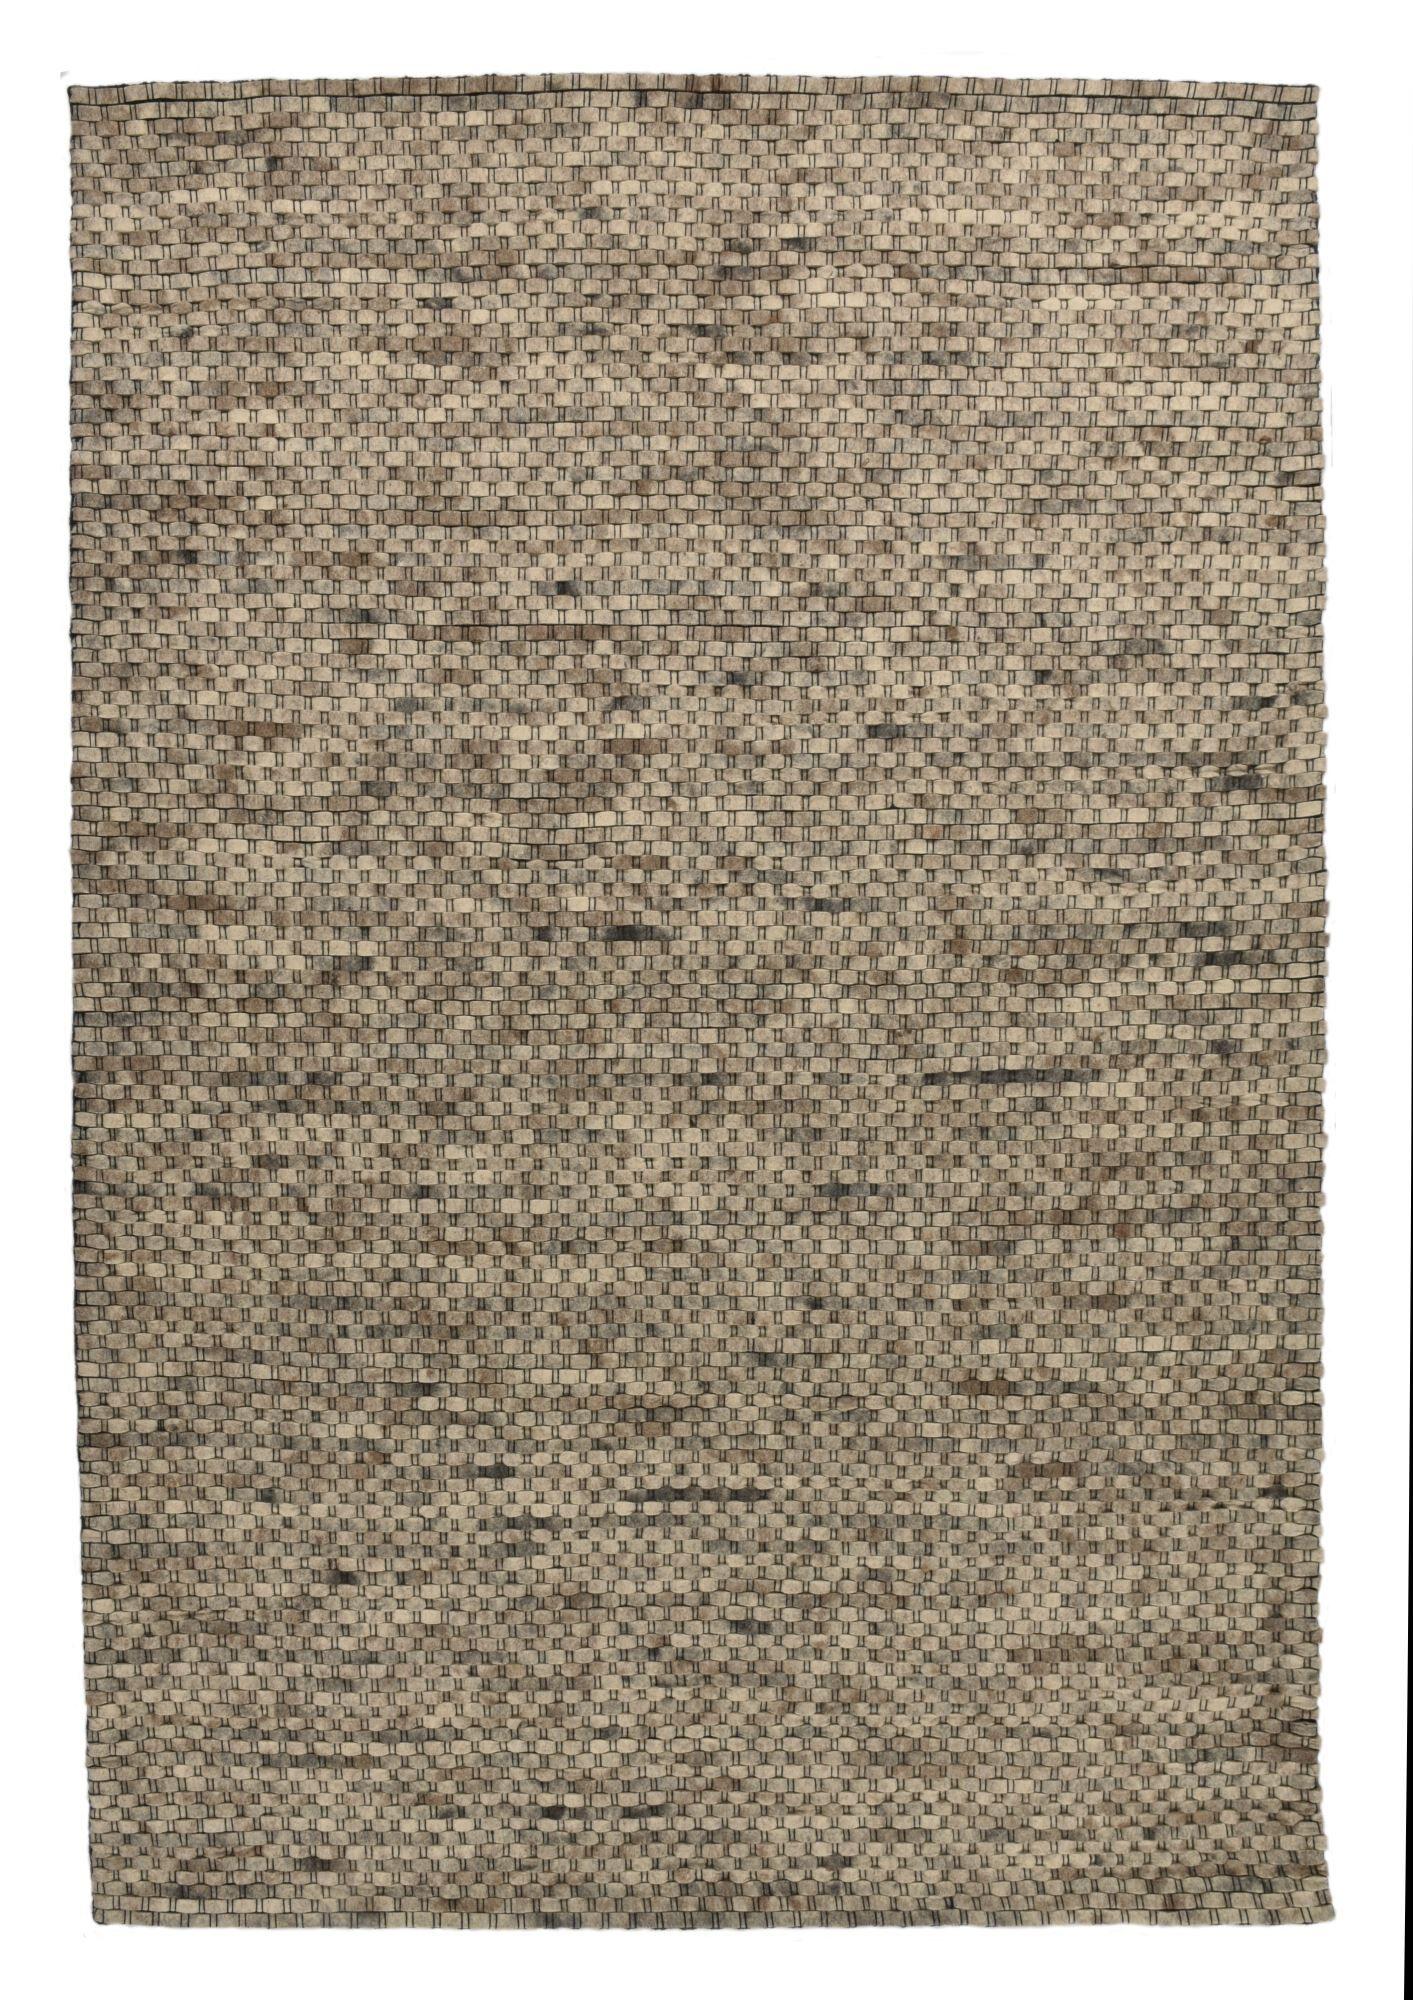 THEKO Tapis feutré en laine naturelle fait main nature 170x240